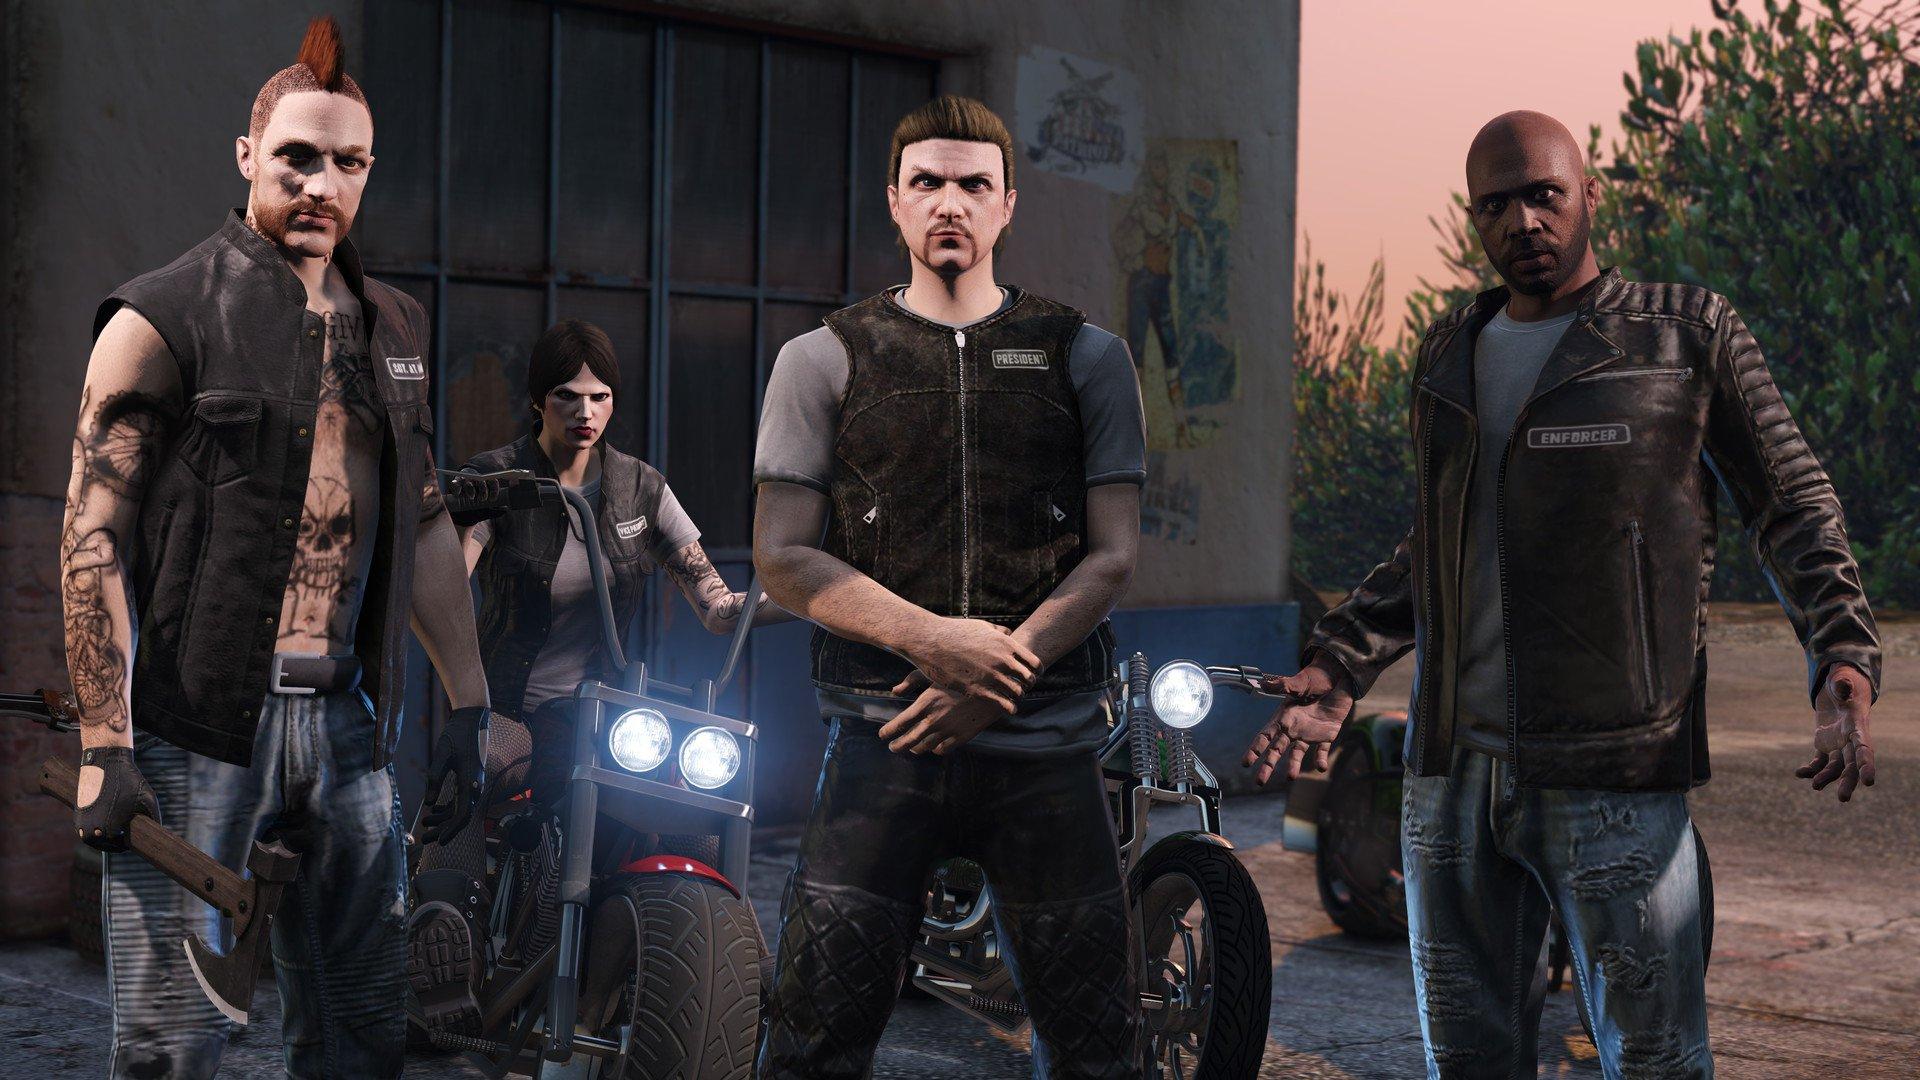 Gta 5 - Grand Theft Auto - Télécharger Pour Pc Gratuitement concernant Jeux De Grand Gratuit